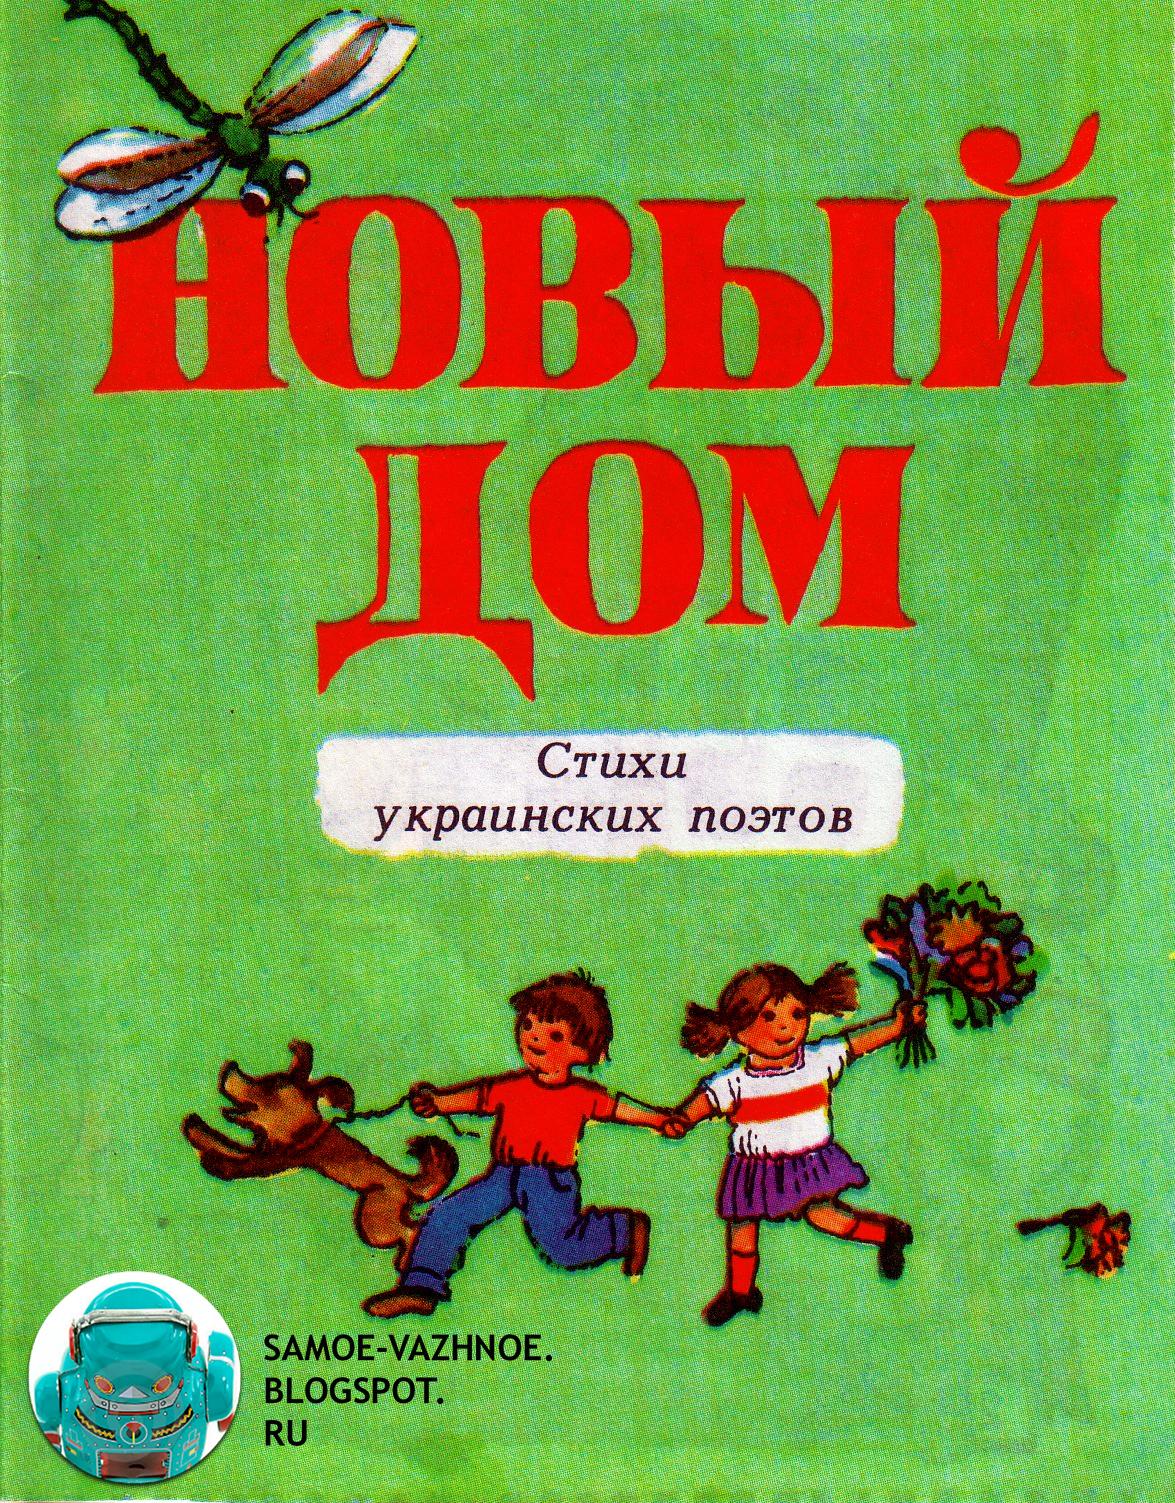 Книжка-малышка Новый дом стихи украинских поэтов